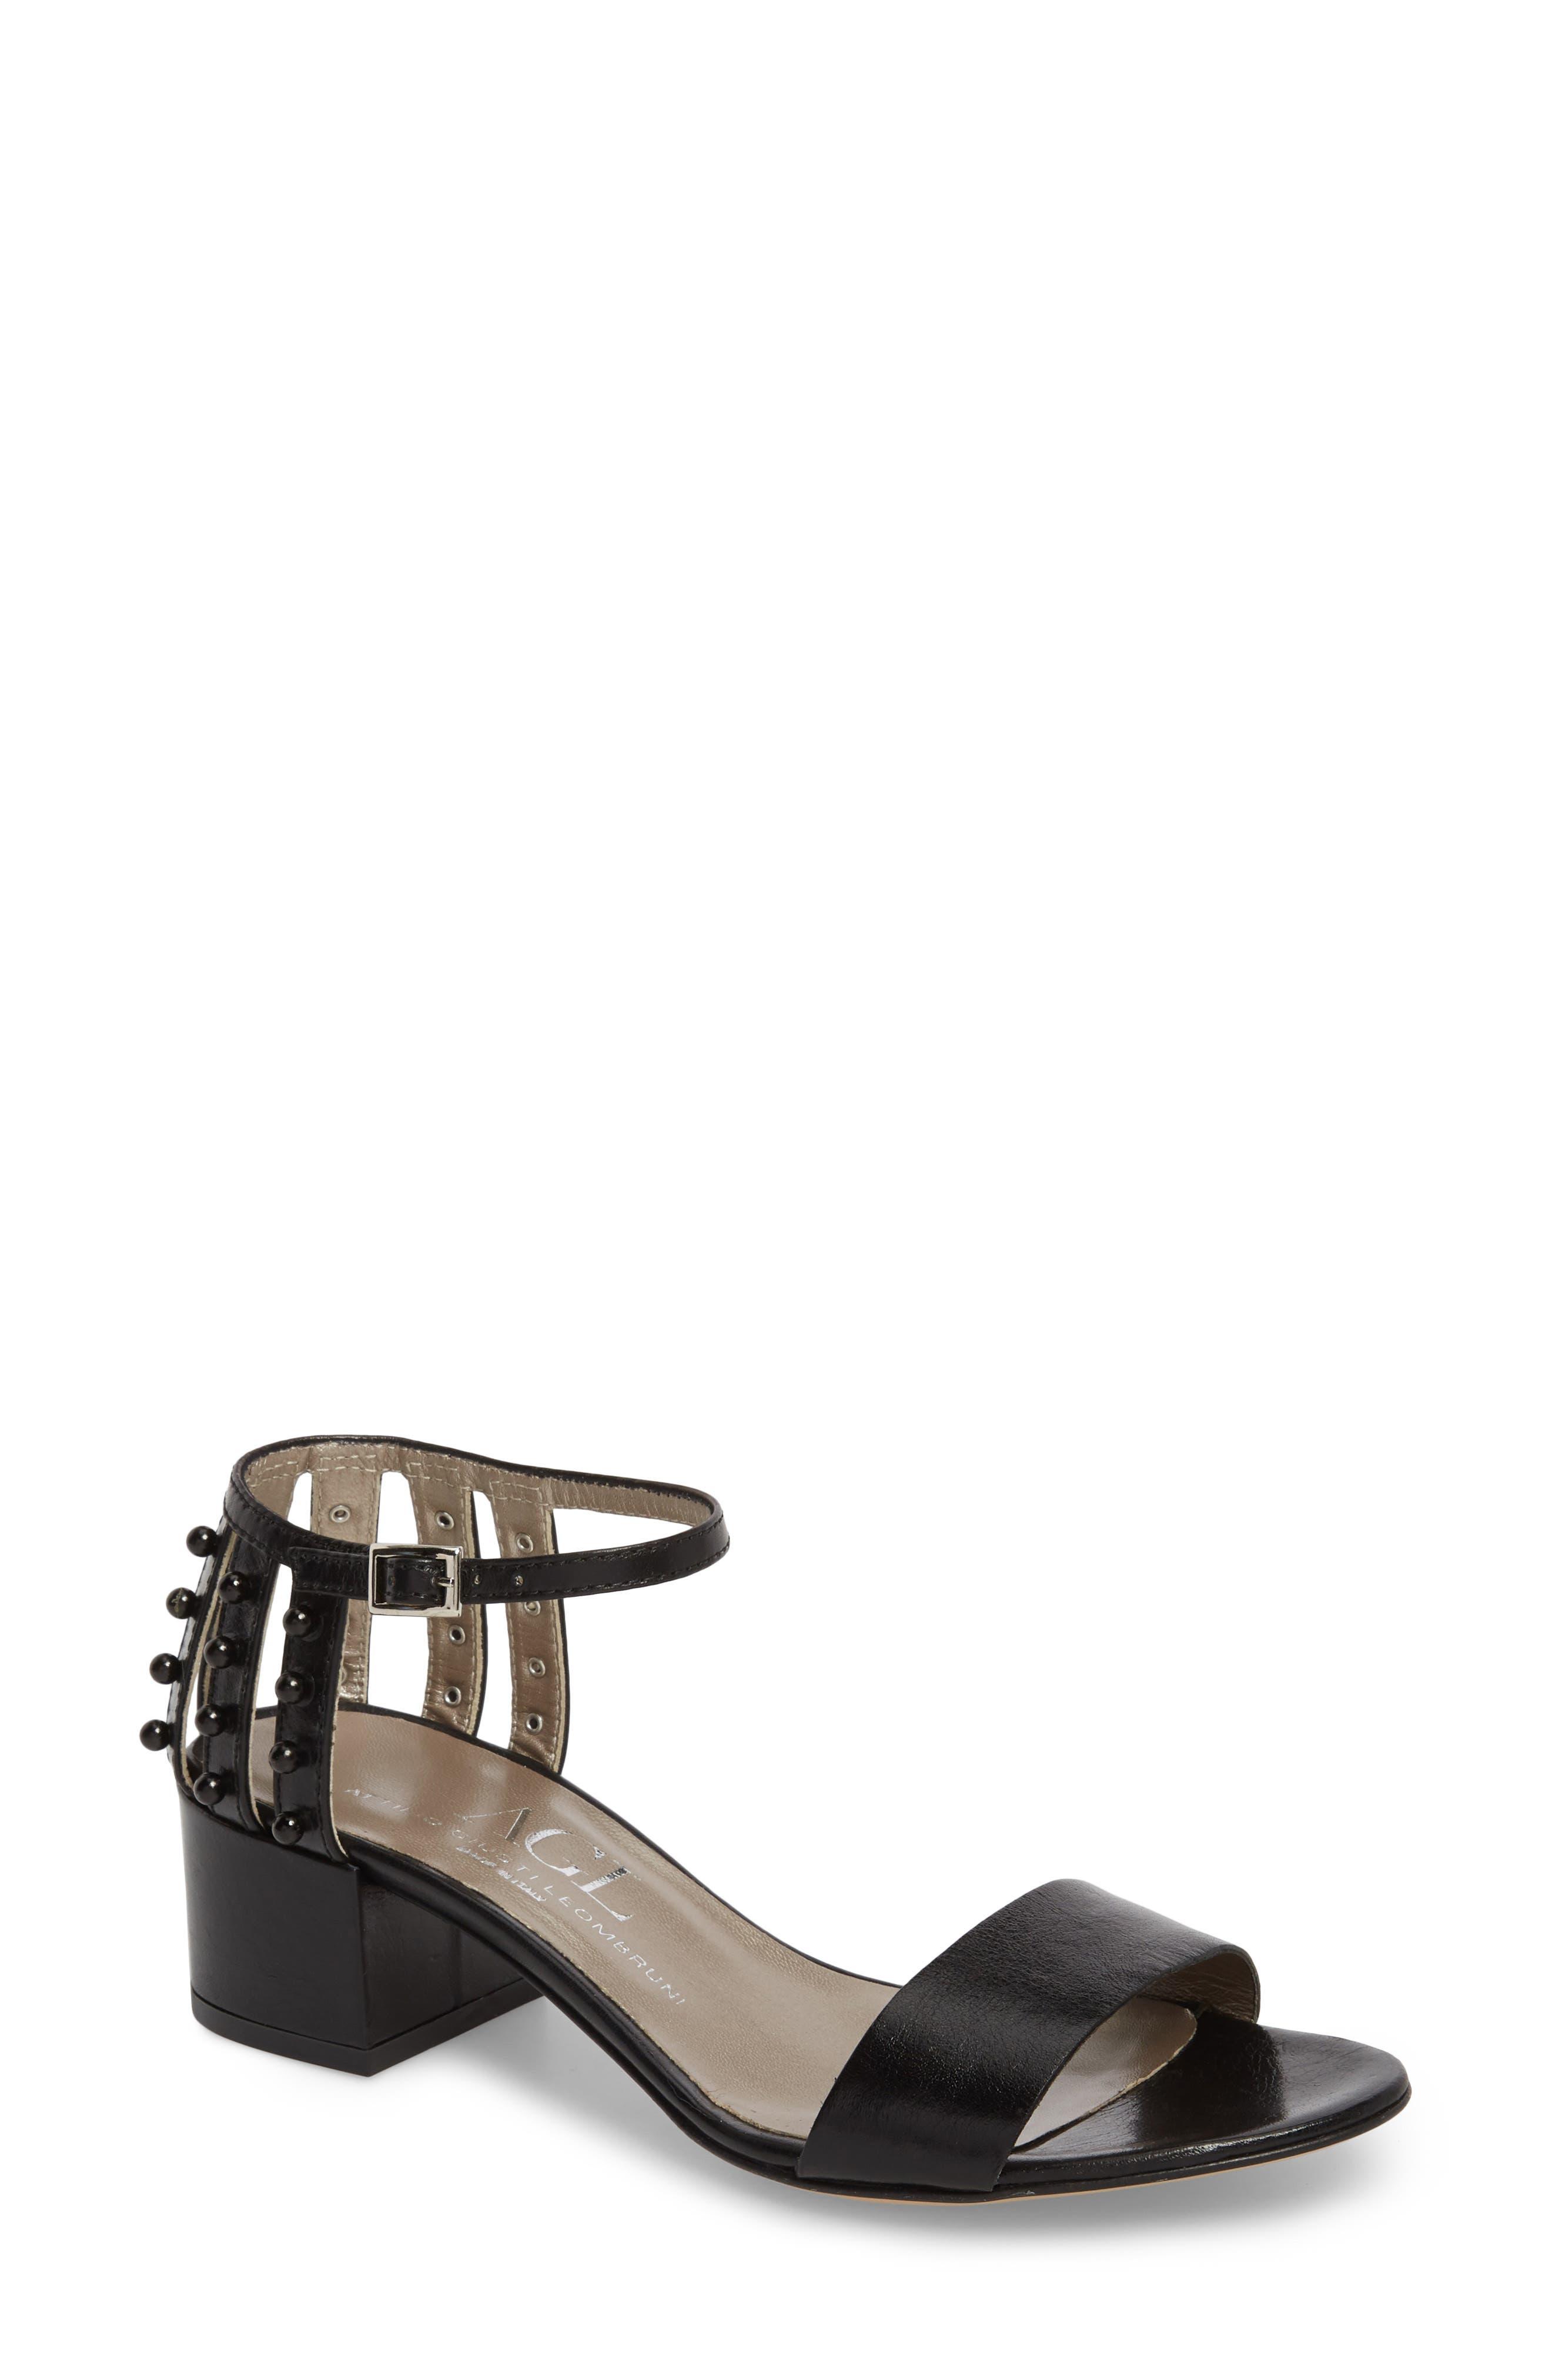 Embellished Ankle Strap Sandal,                             Main thumbnail 1, color,                             001